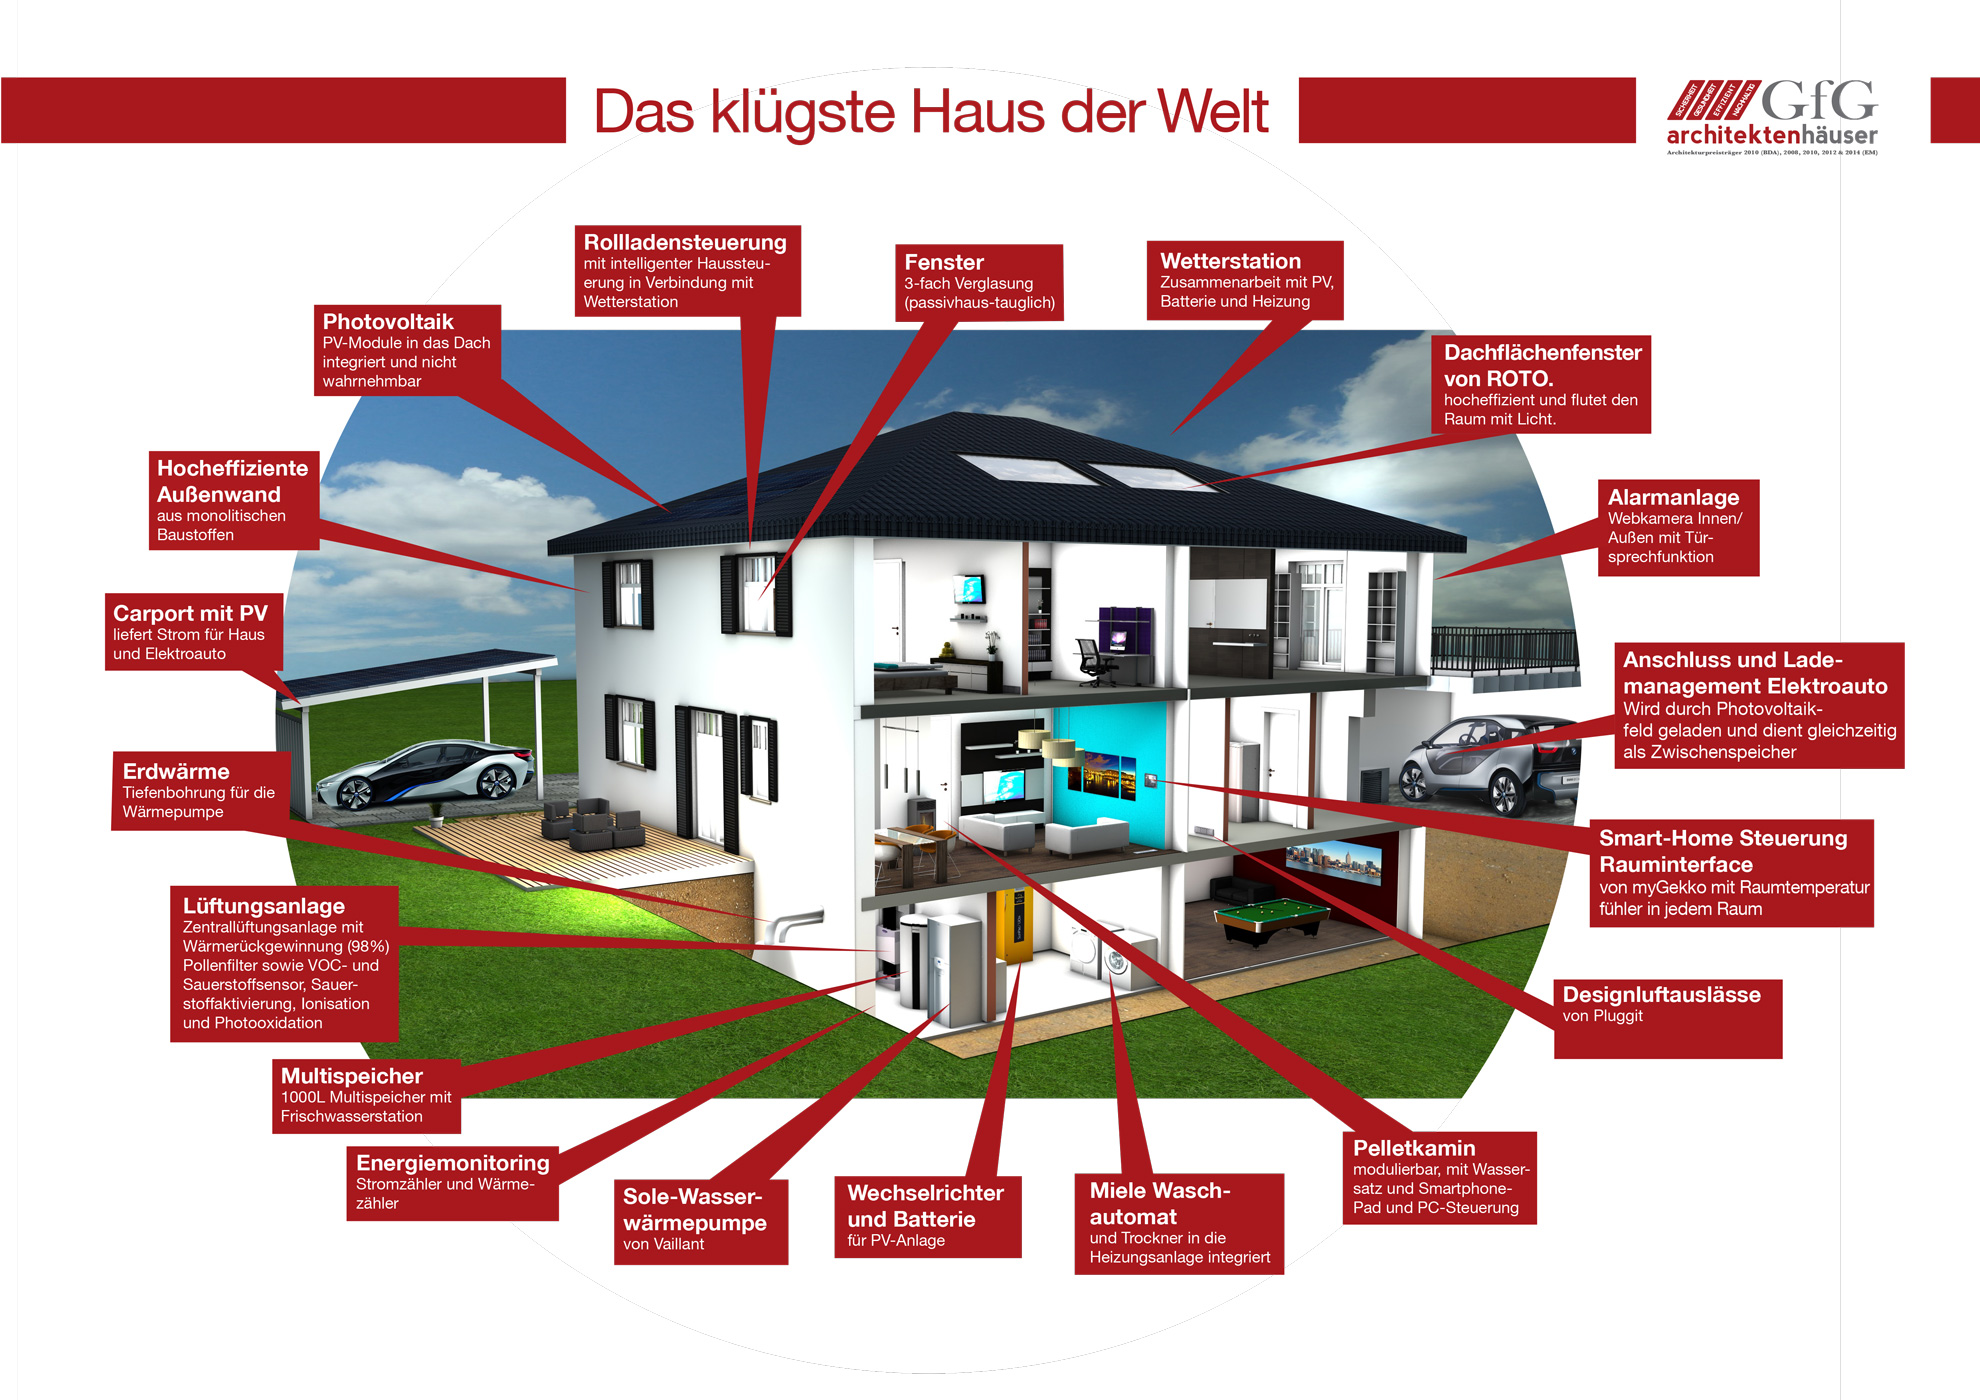 Das klügste Haus der Welt - GfG Architektenhäuser